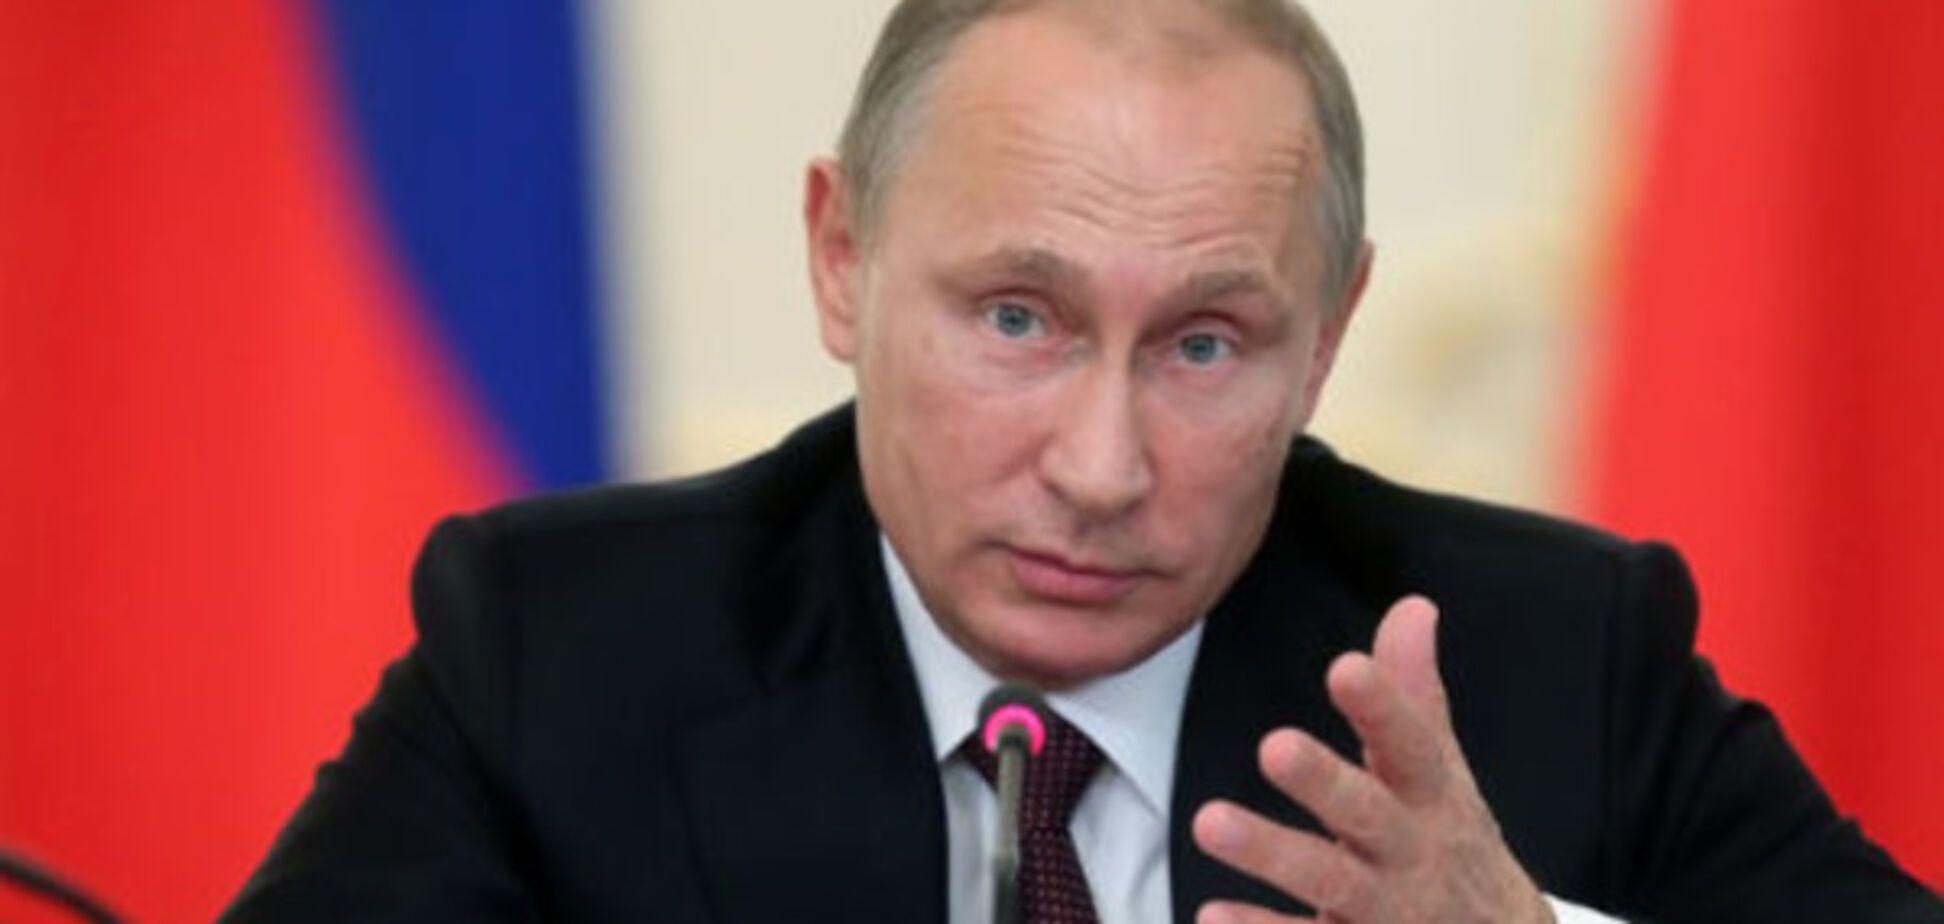 Кремль ищет обоснования для ухода из Донбасса